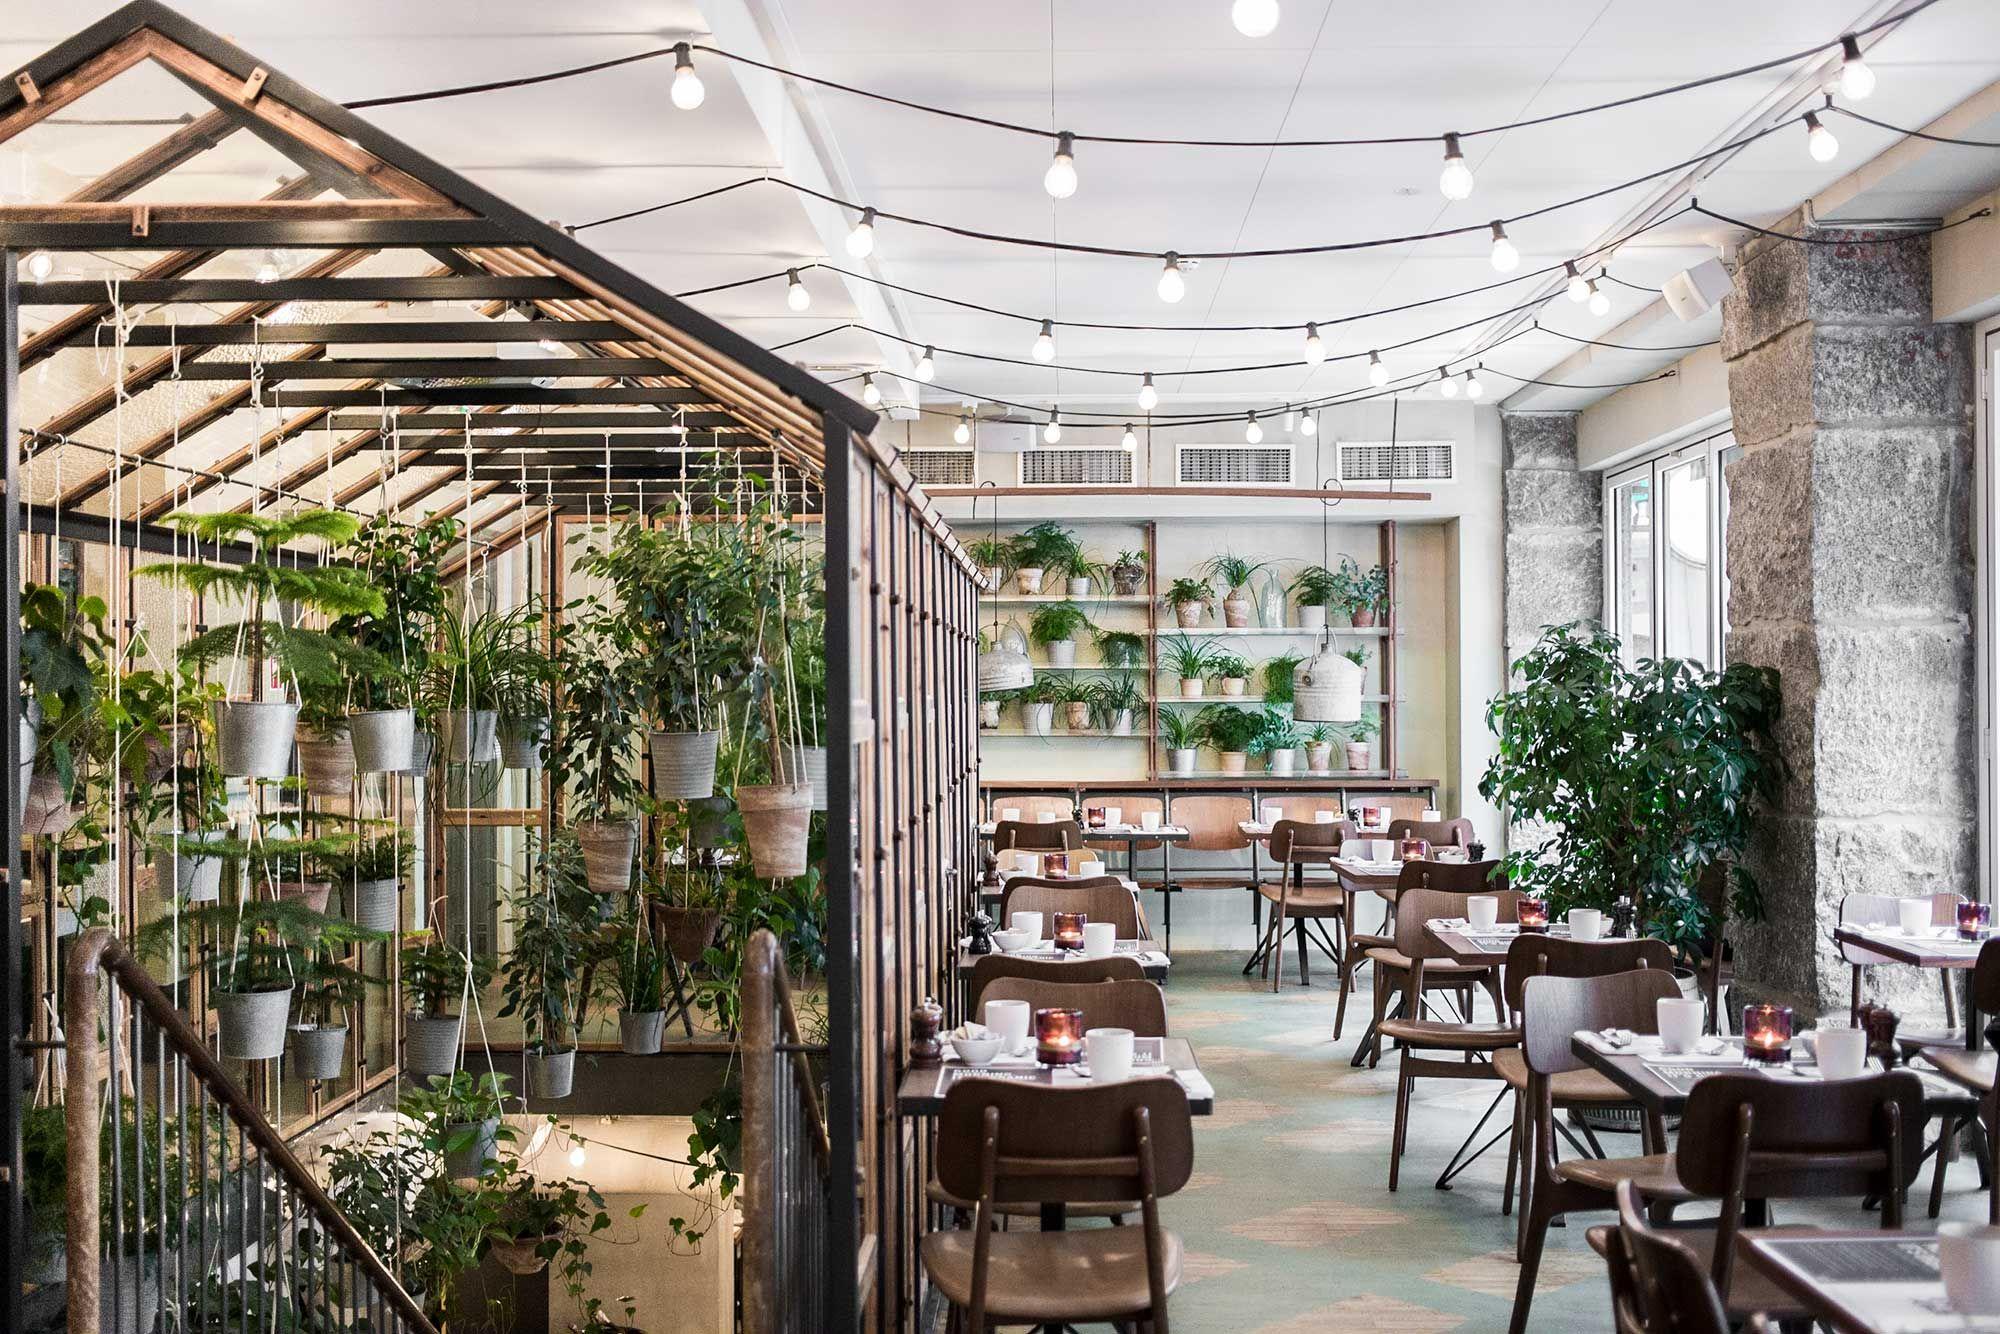 Review du Väkst : manger à l\'intérieur d\'une serre design à ...